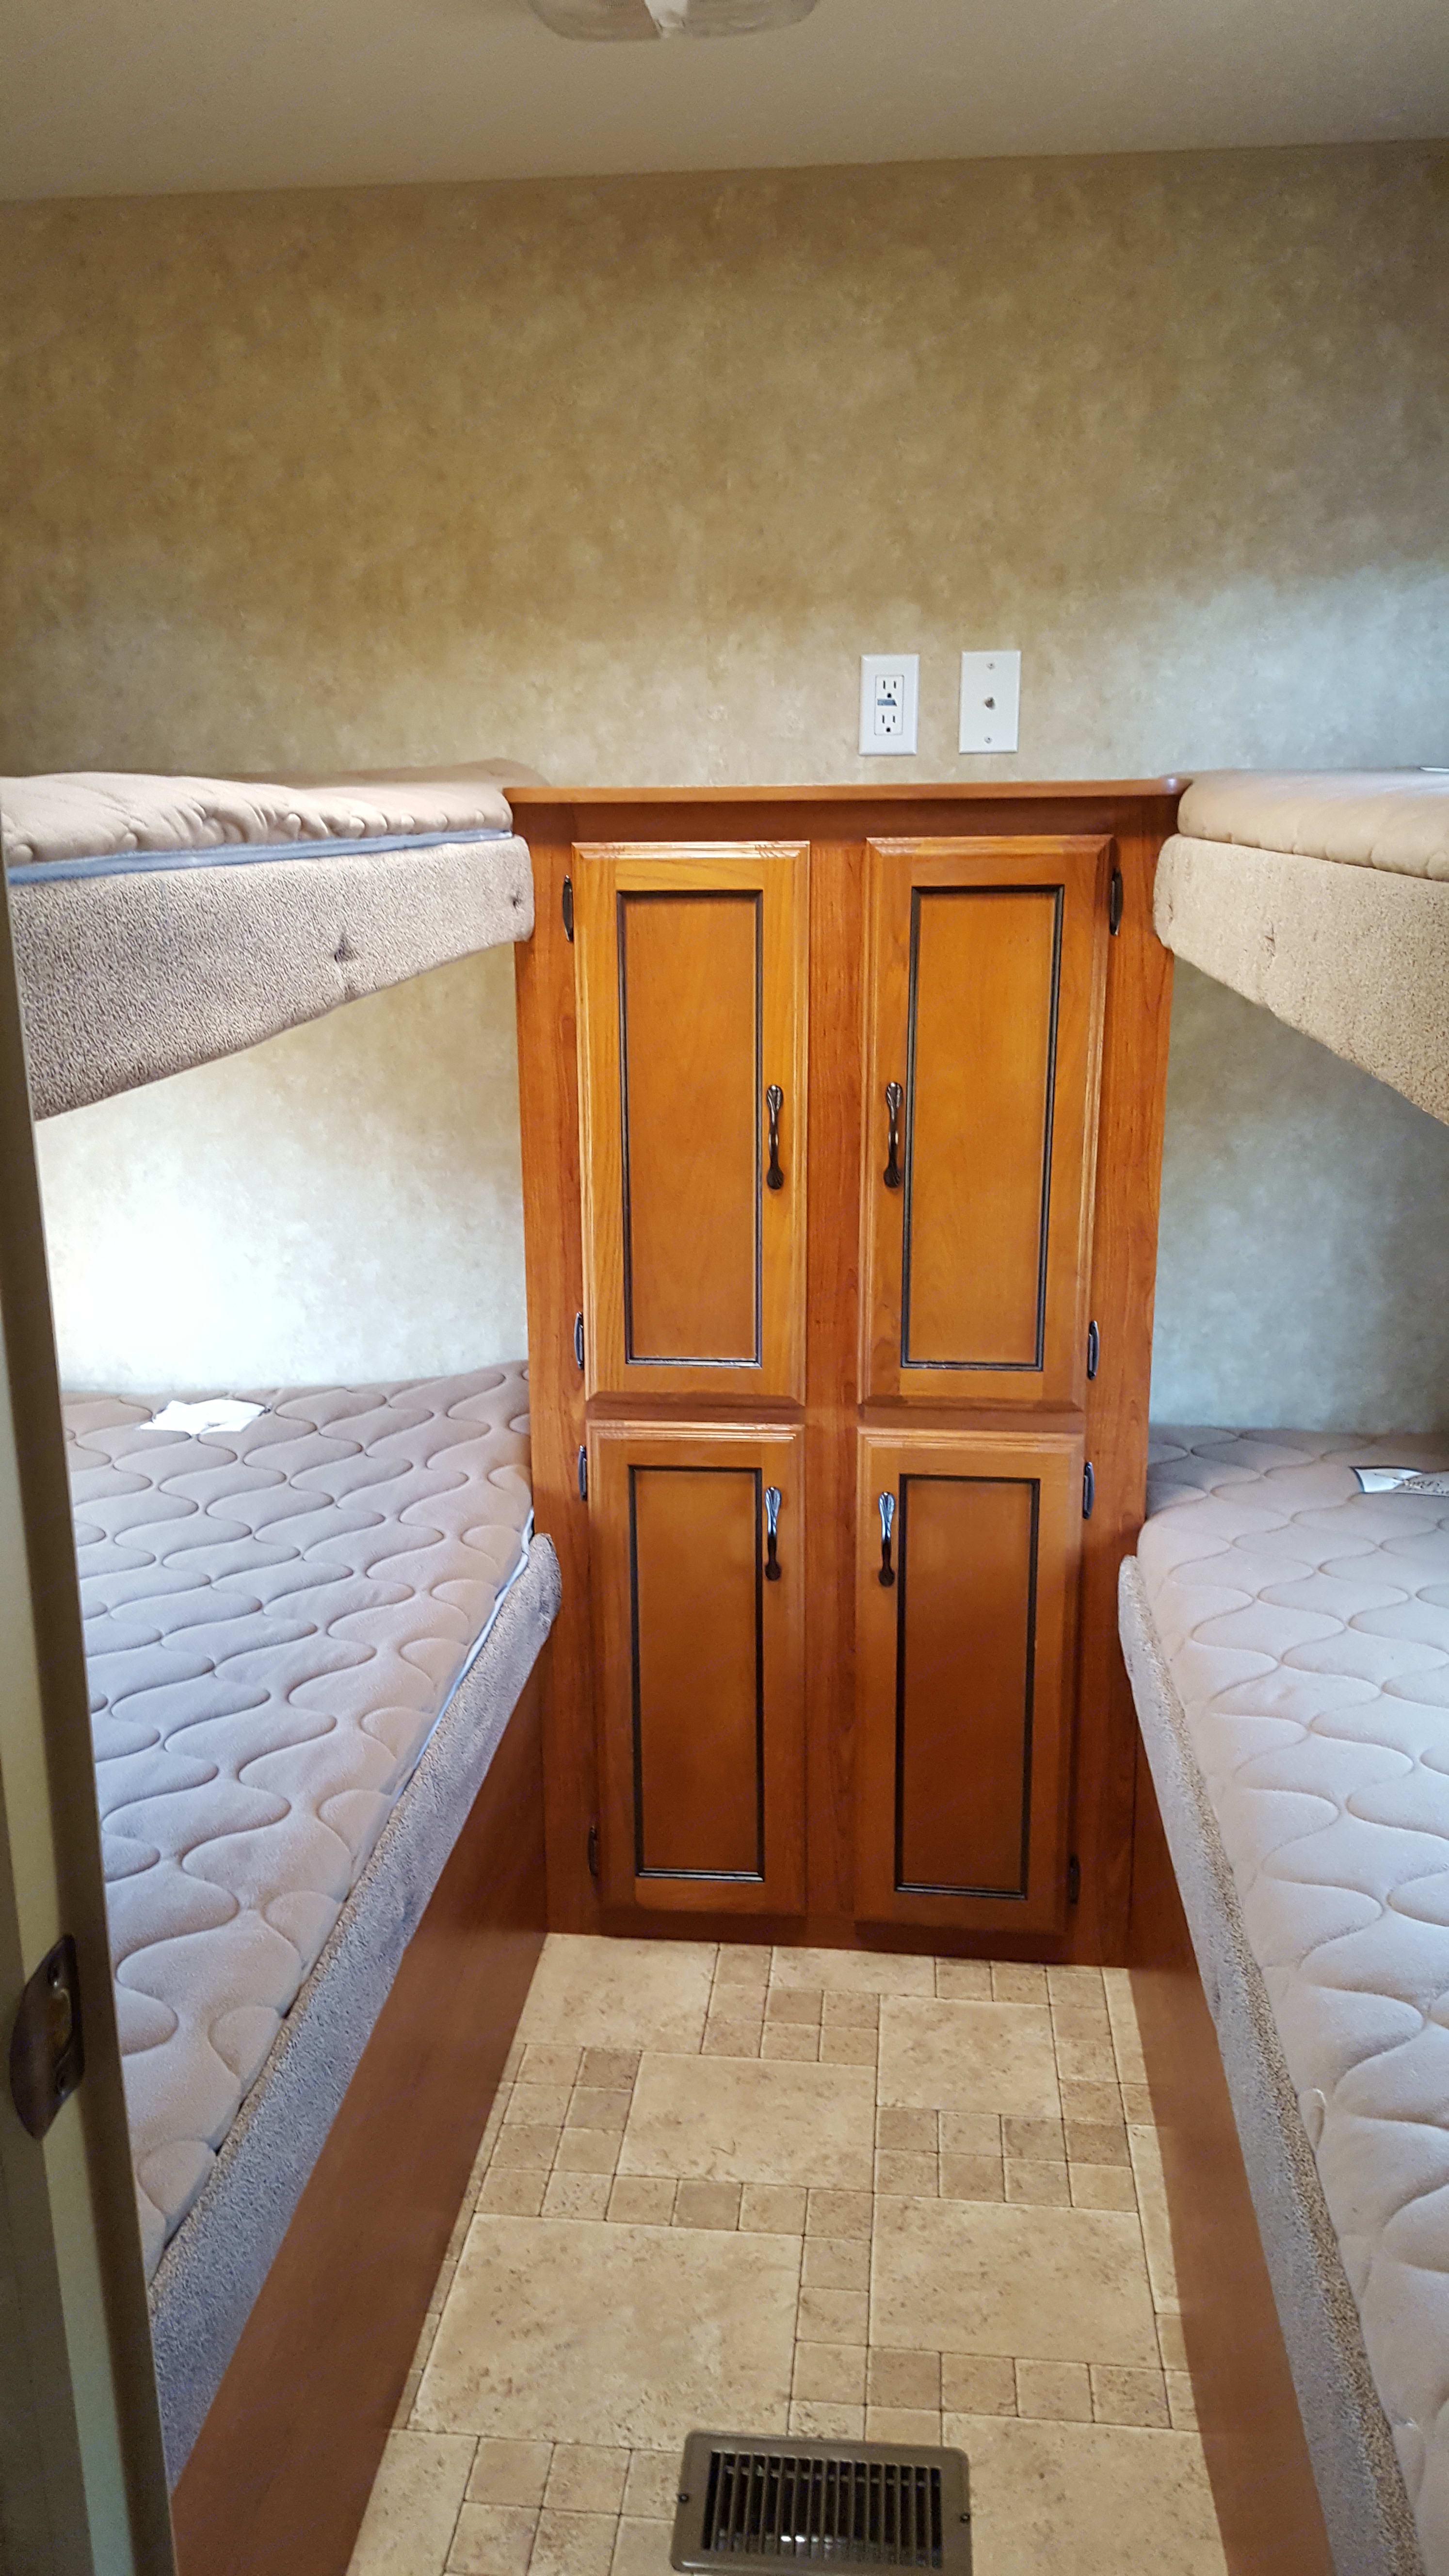 Wardrobe in bunkhouse . Coachmen Catalina 2012